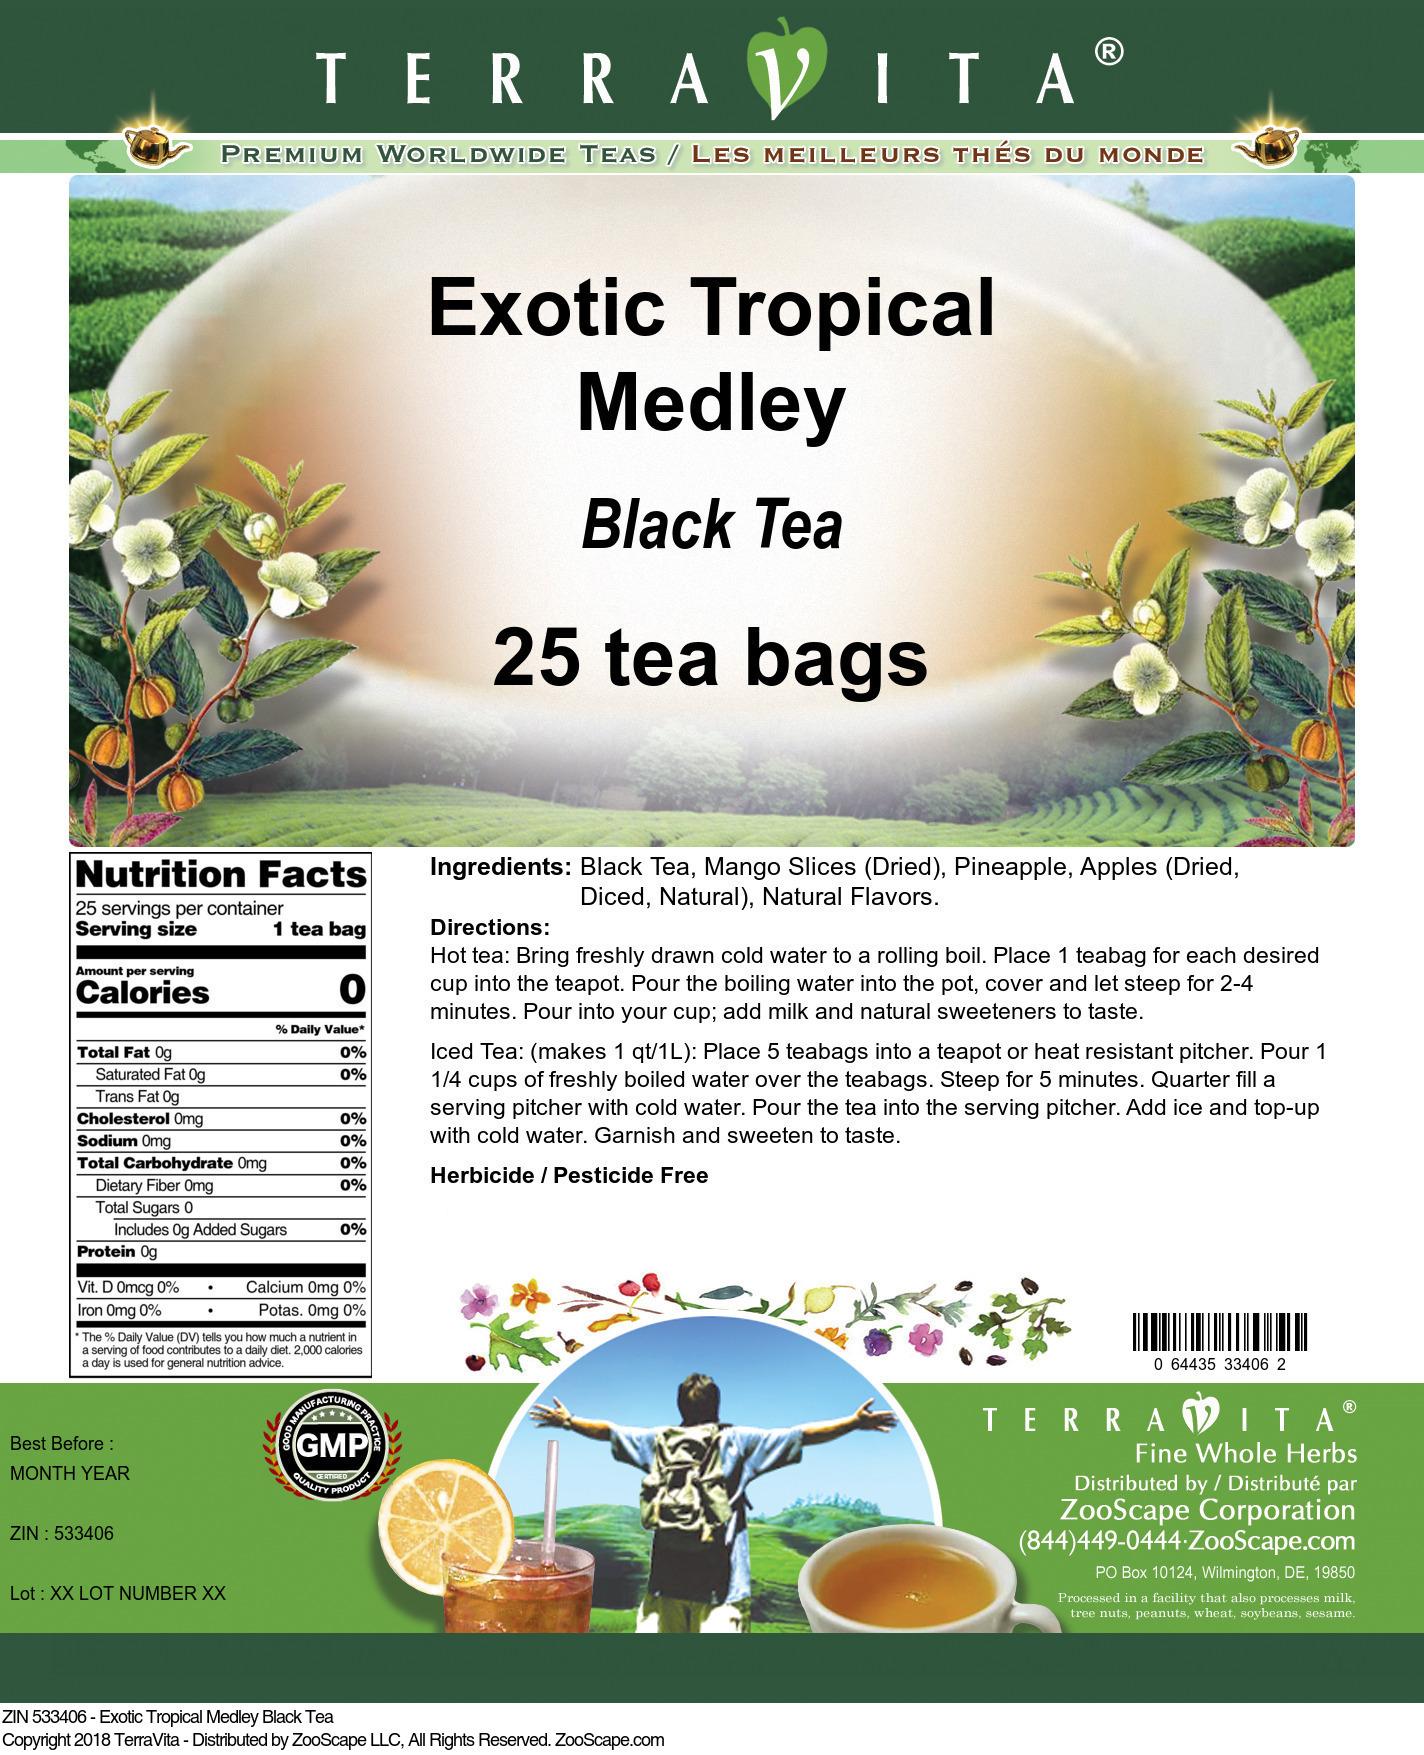 Exotic Tropical Medley Black Tea